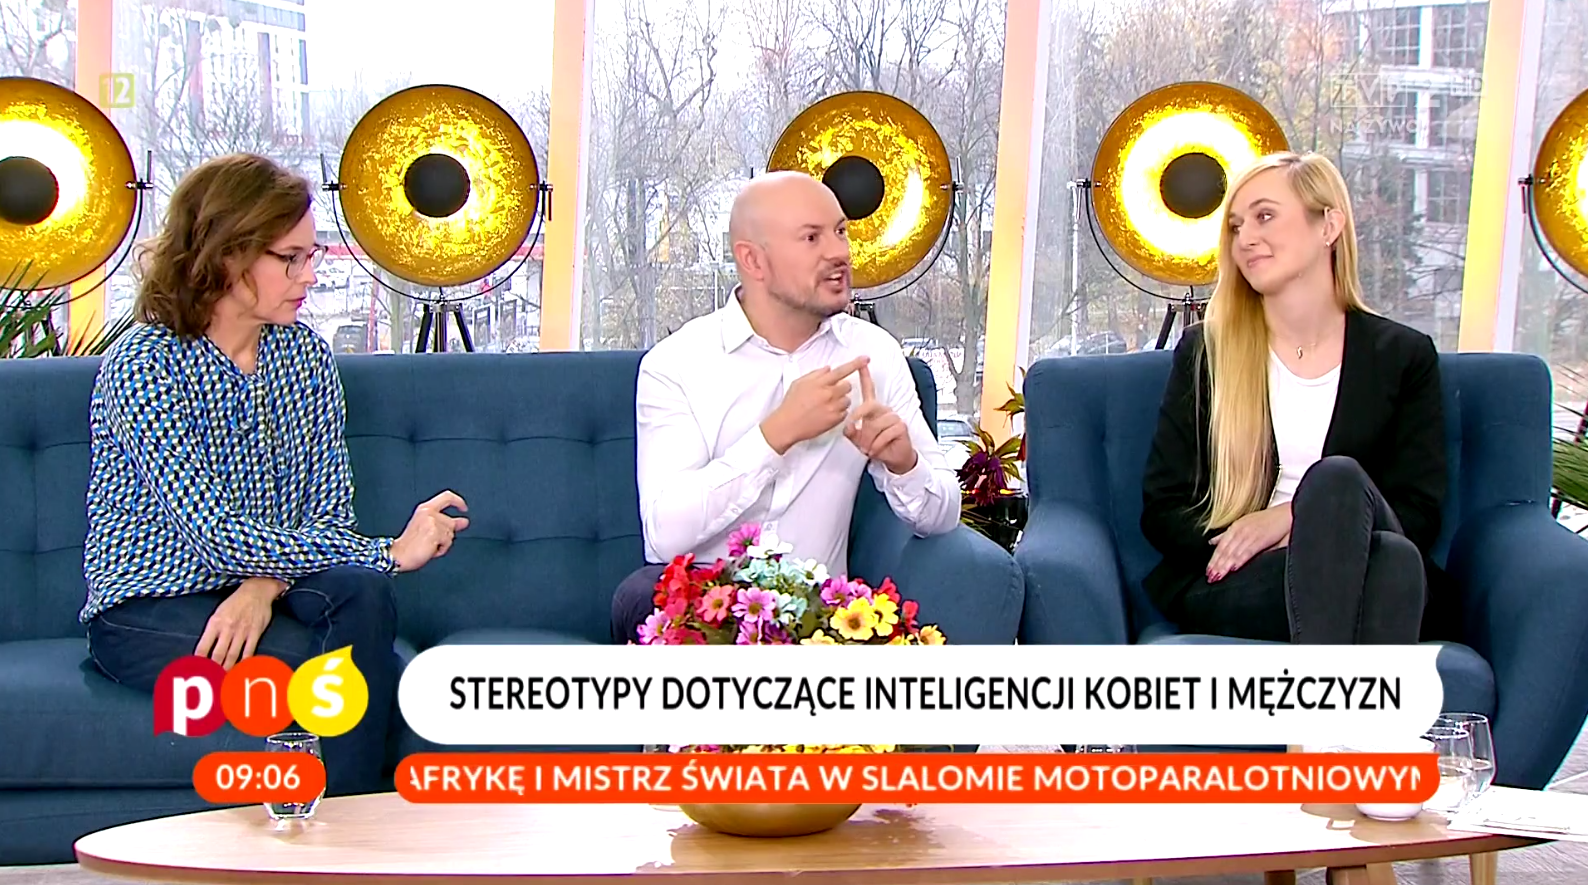 Stereotypy dotyczące inteligencji kobiet i mężczyzn